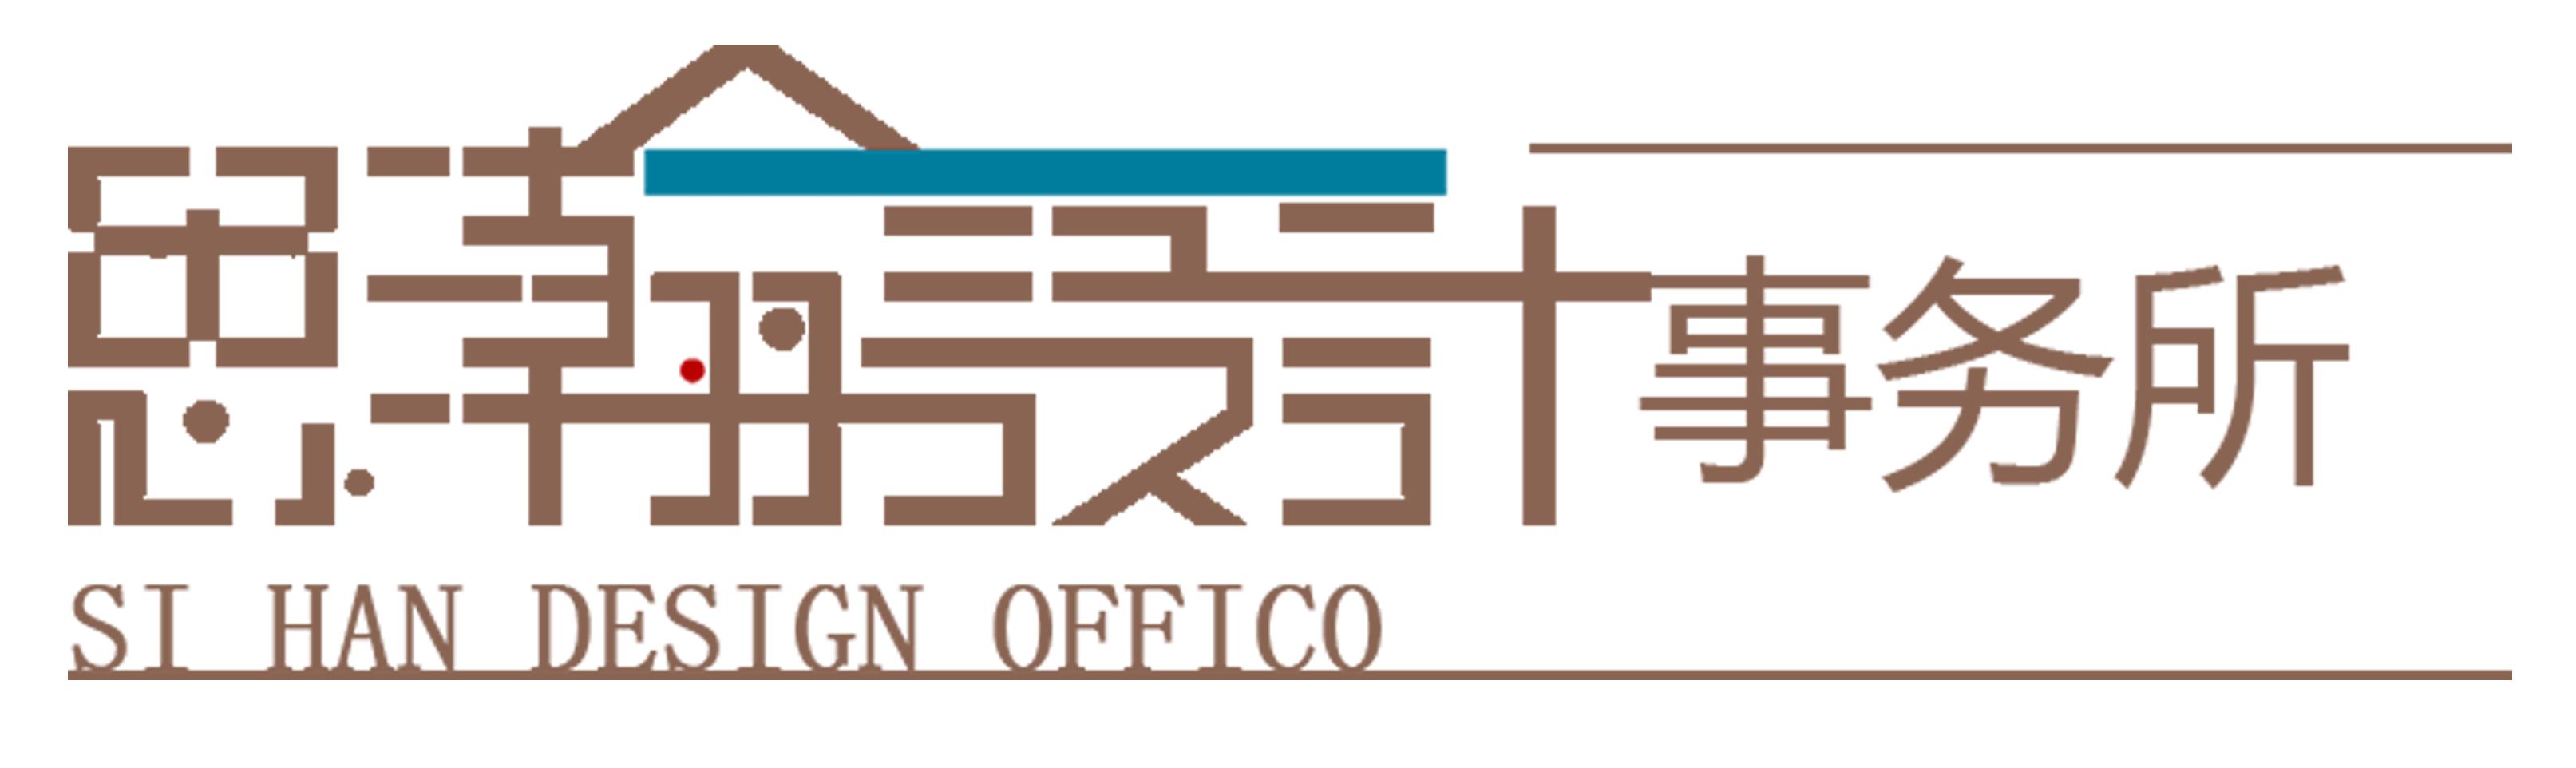 广州思瀚设计事务所(广州)有限公司